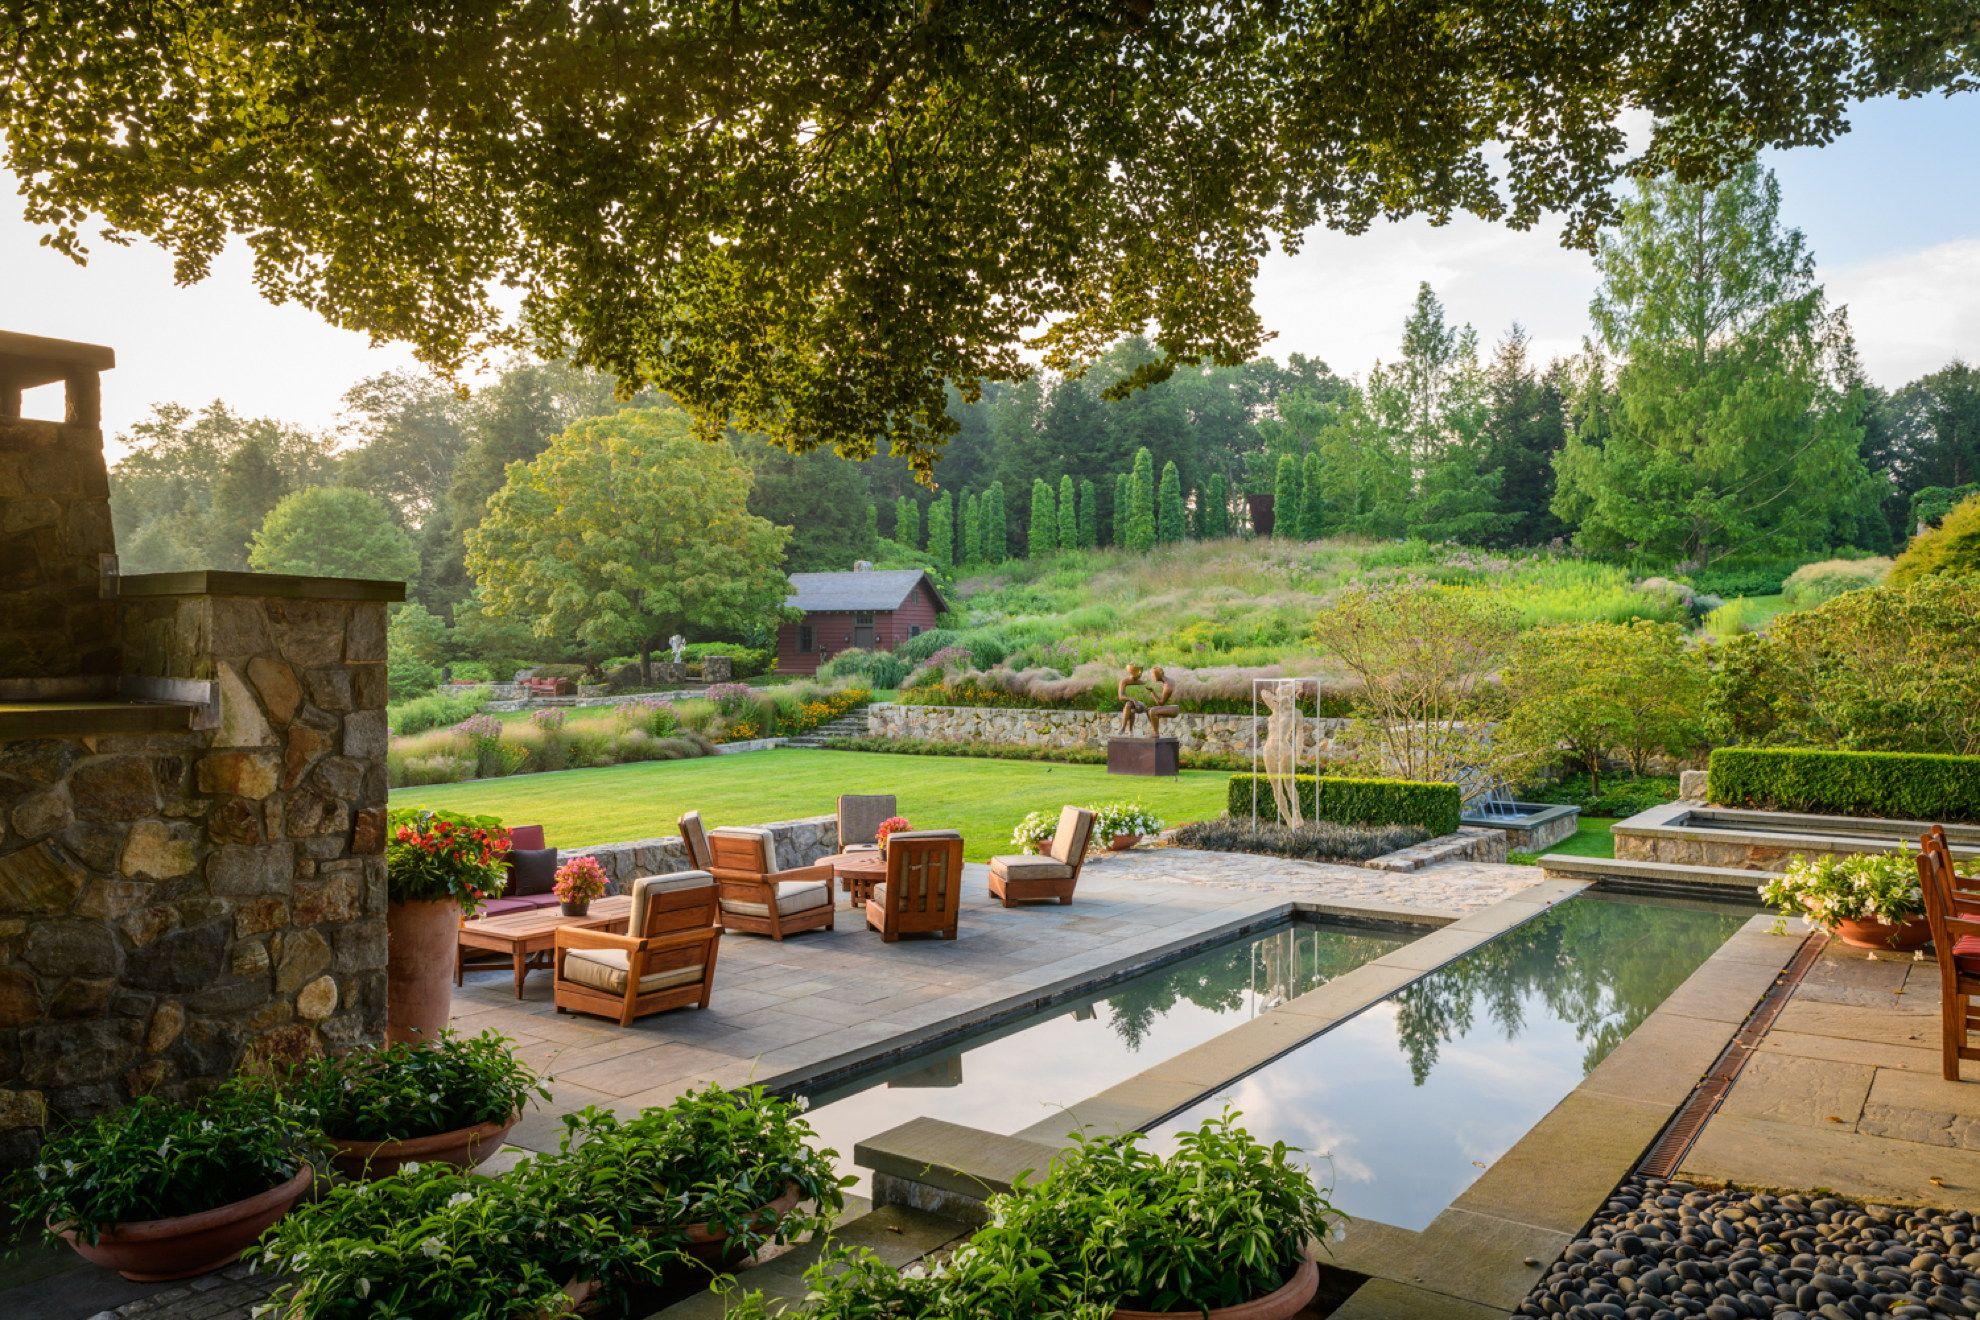 Pin On Livegreenblog Backyard garden in usa